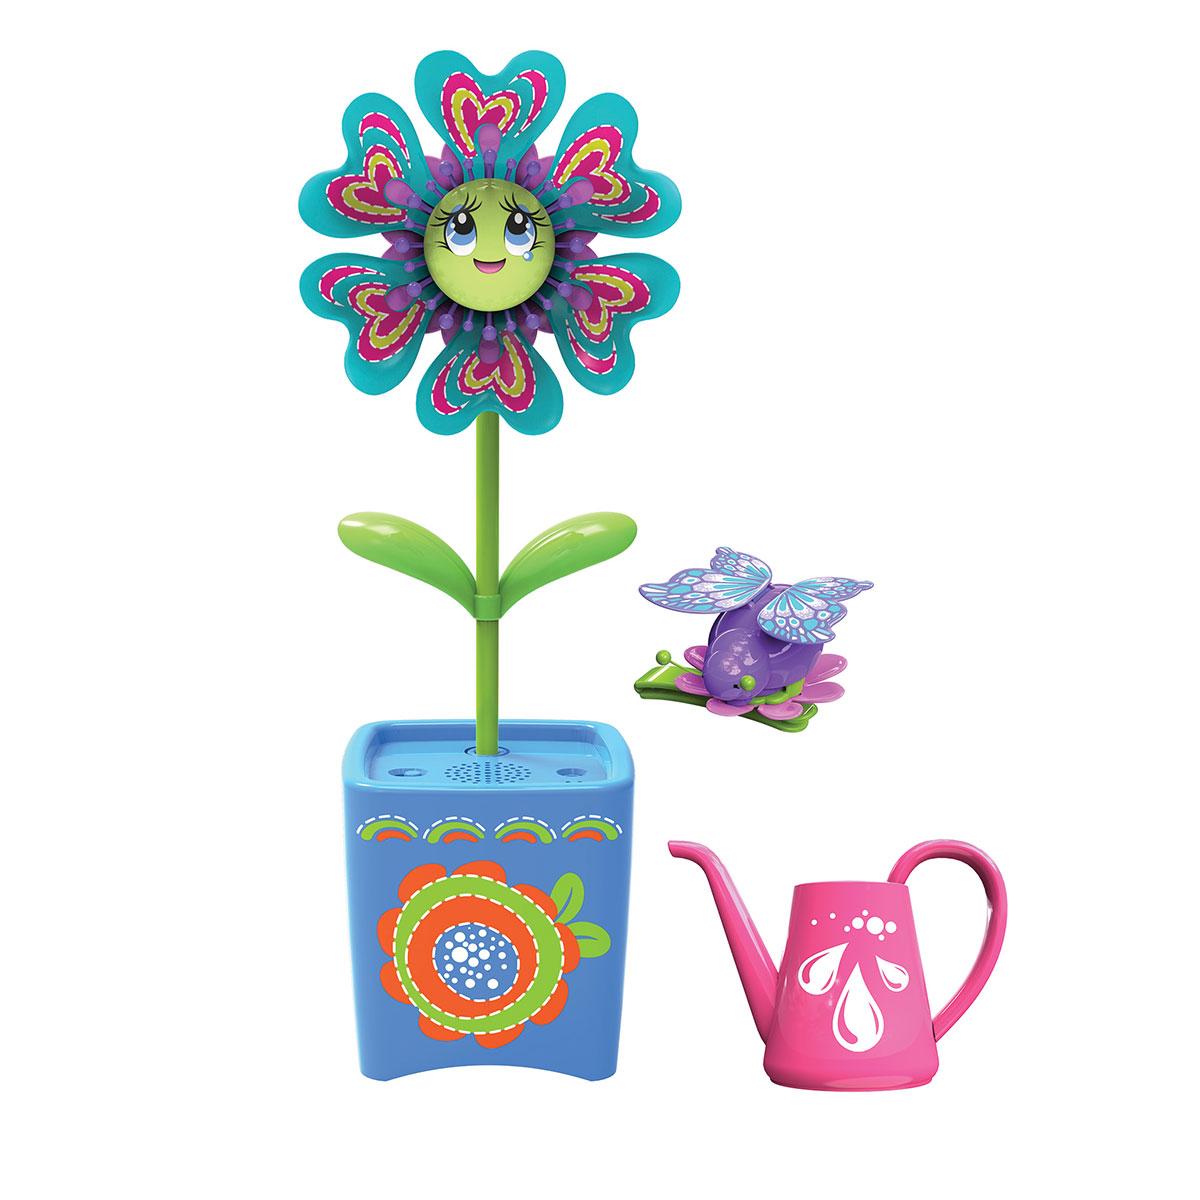 Интерактивная игрушка  Волшебный цветок с заколкой для волос и волшебным жучком - Скидки до 70%, артикул: 150529